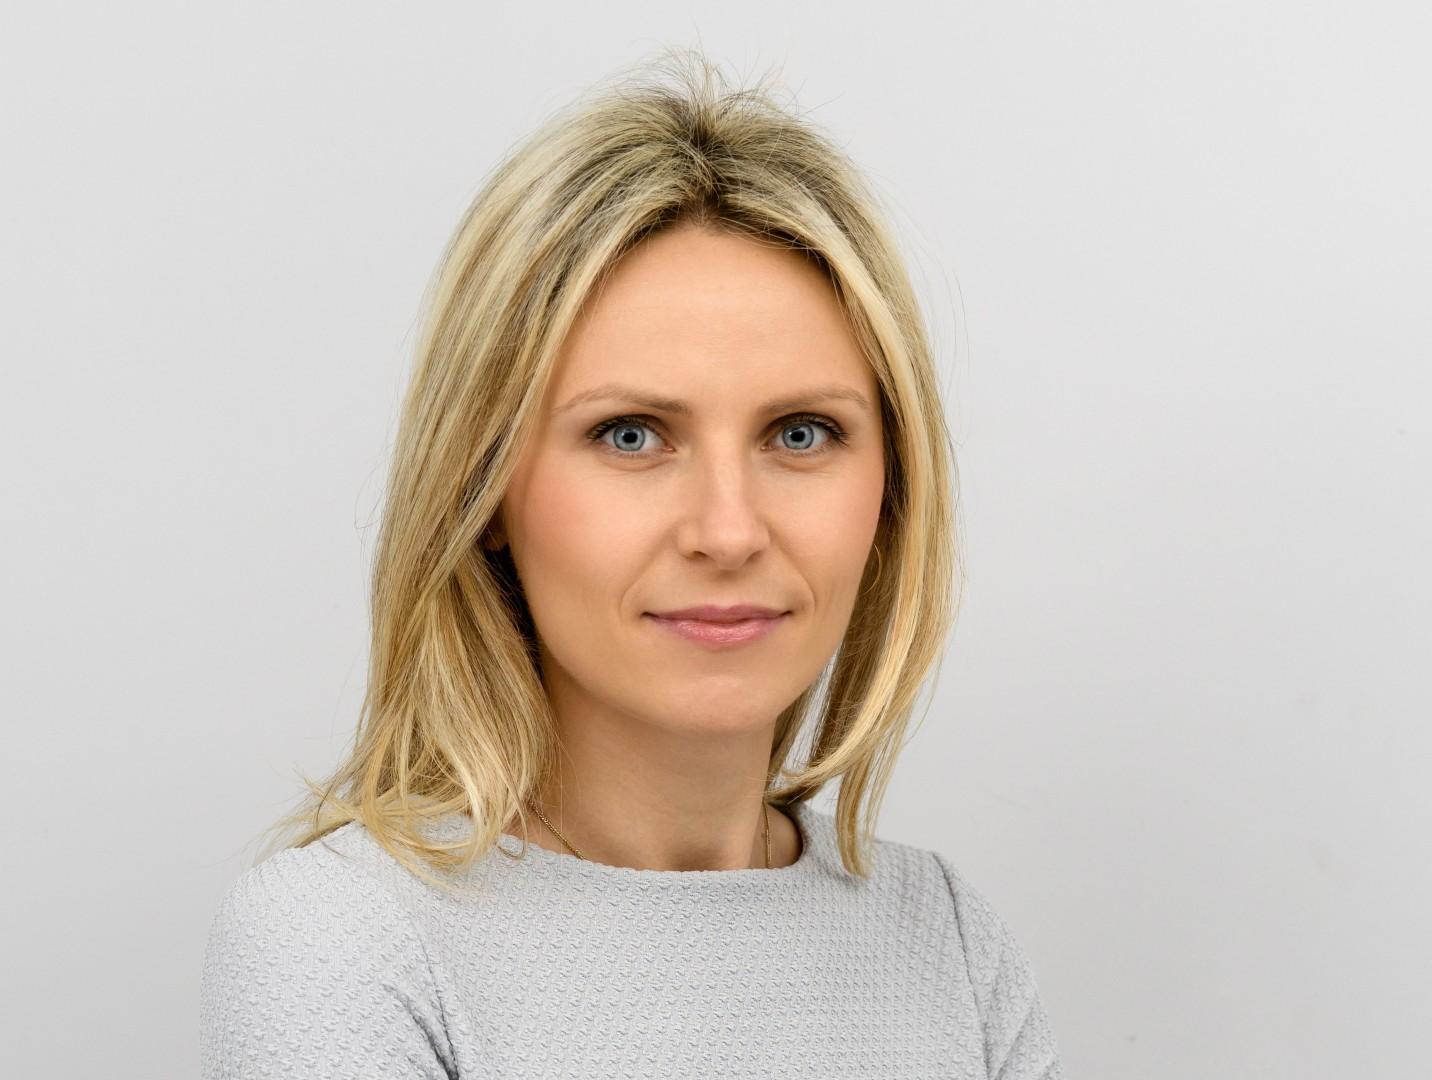 Welcome to the new employee of KJP - Natalia Sitarek-Haczykowska!